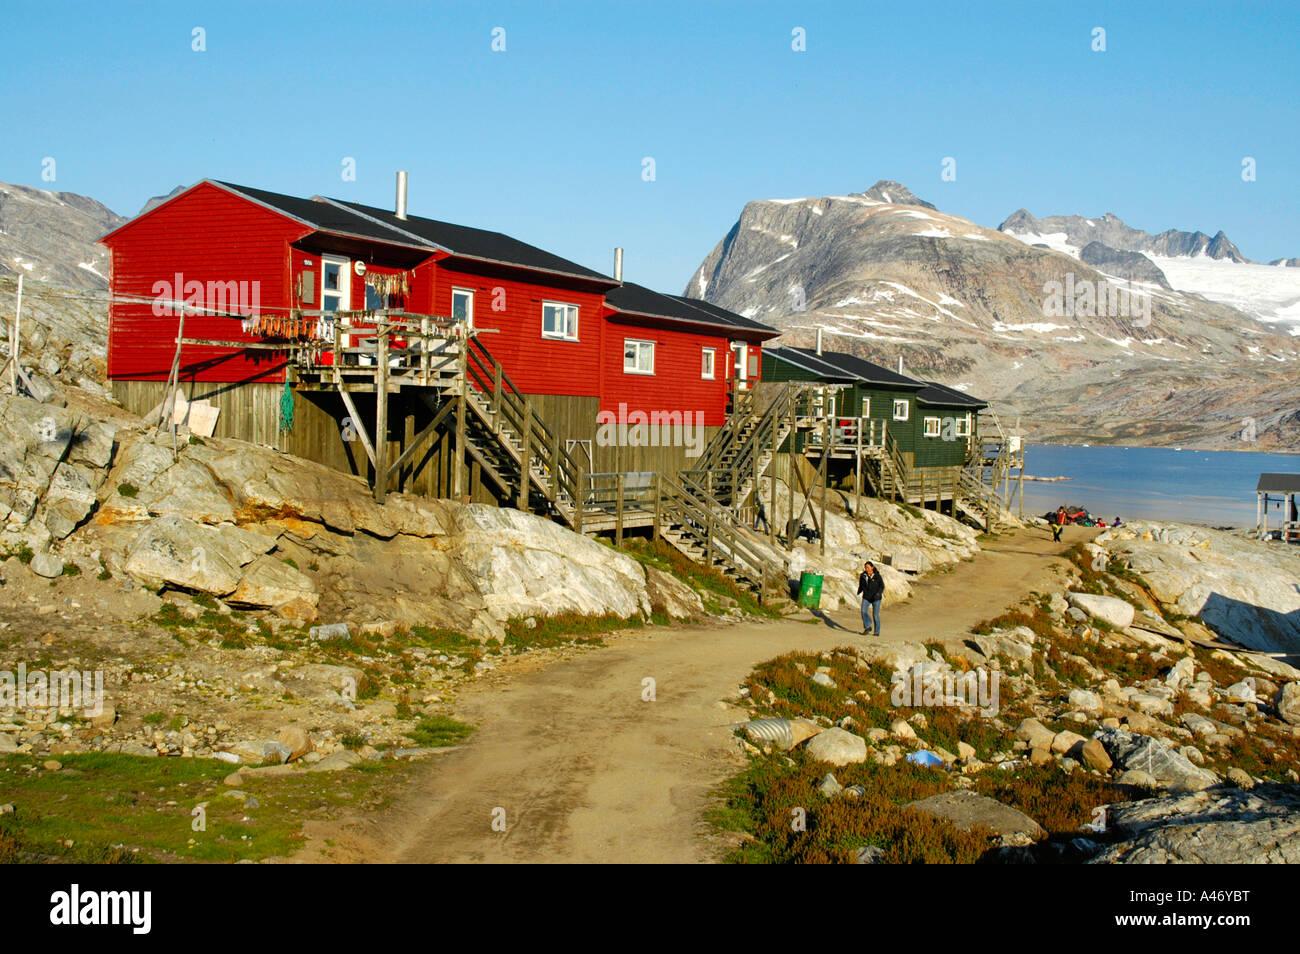 Case colorate in legno costruito sulla roccia solida montagna fiordi e ghiacciai in background Tiniteqilaaq Eastgreenland Immagini Stock